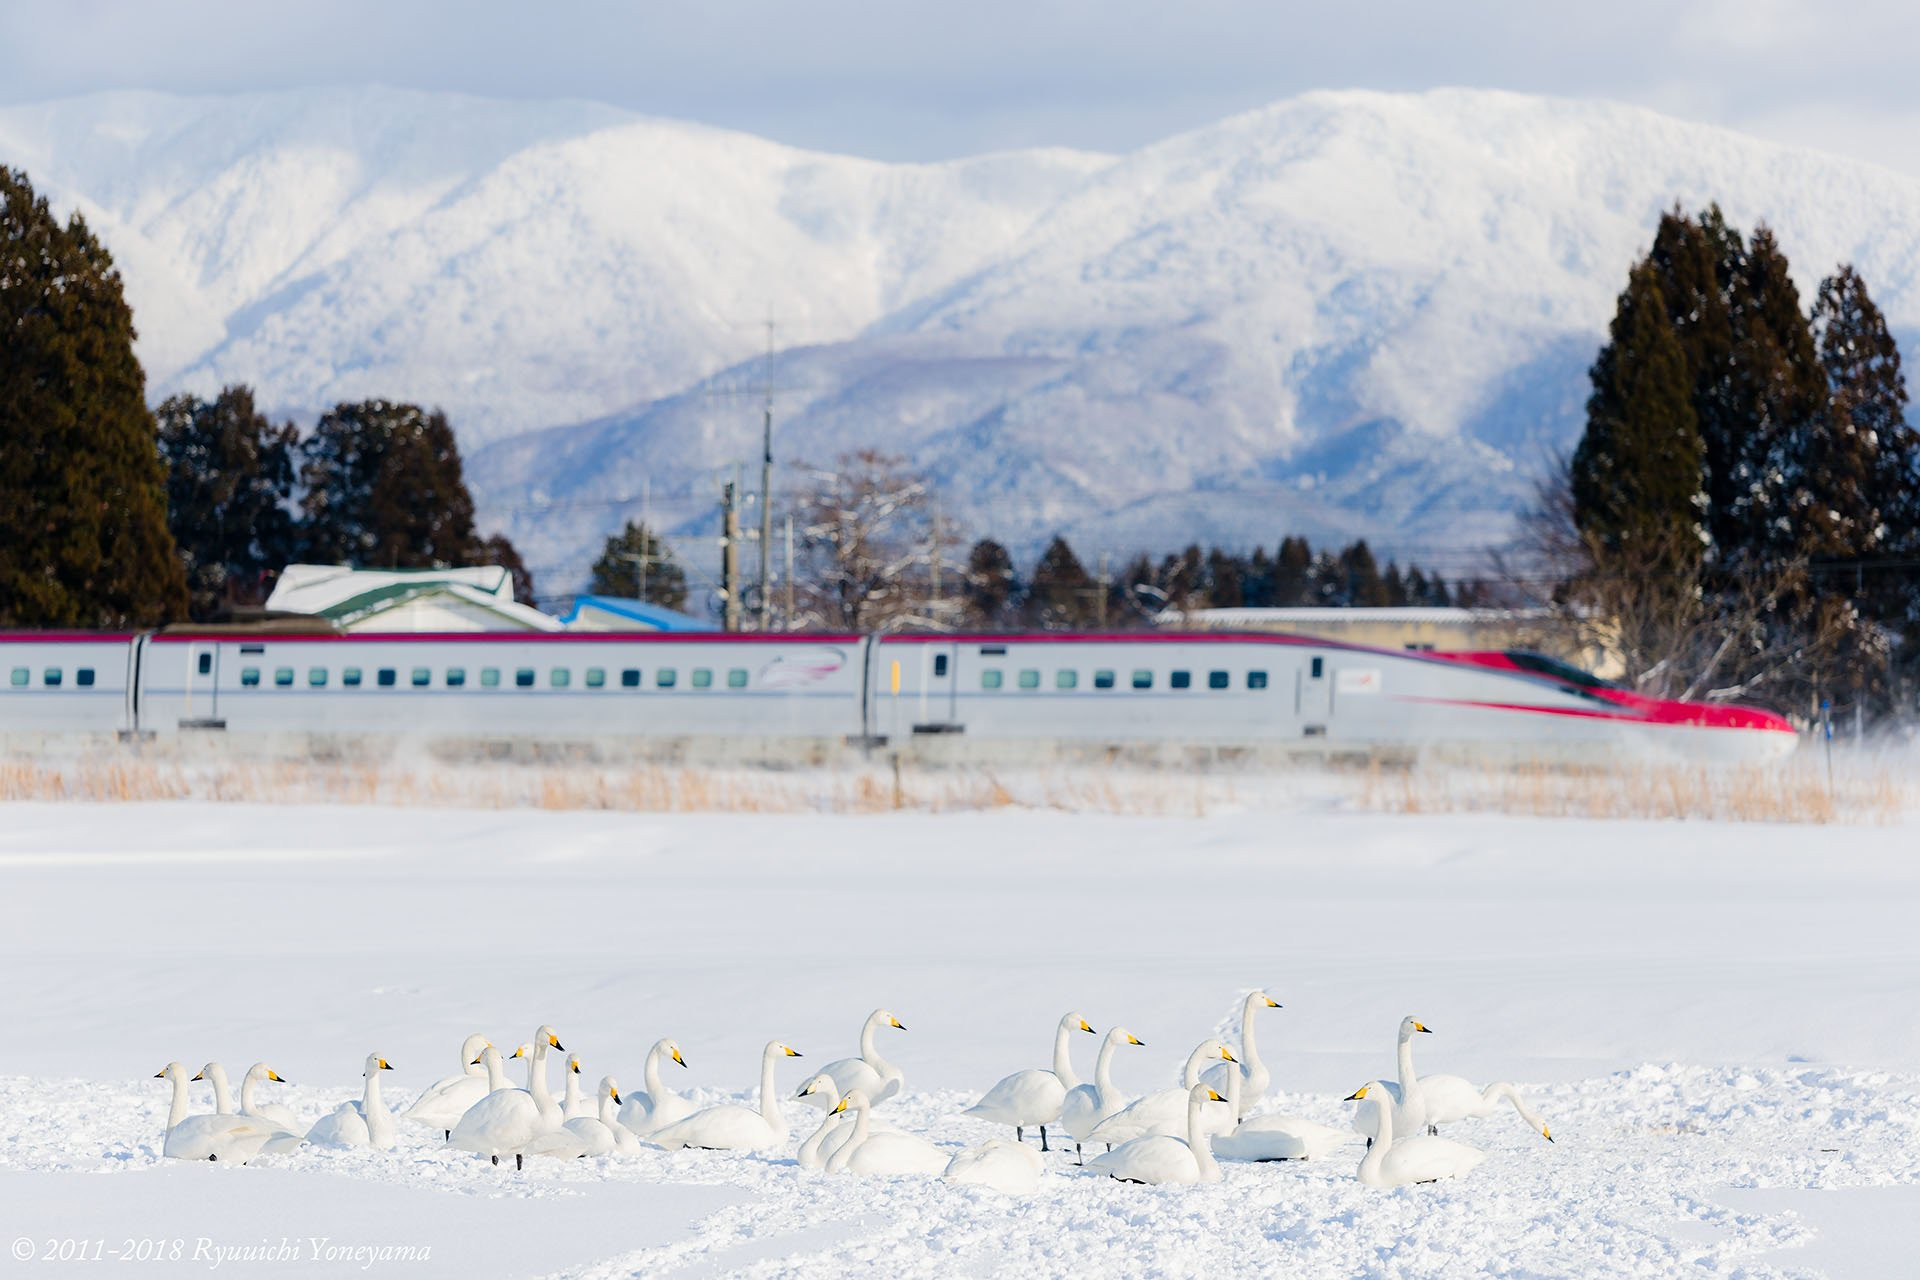 Người dân Nhật ngỡ ngàng chiêm ngưỡng những bông hoa anh đào băng tuyết trong thời tiết lạnh giá kéo dài - Ảnh 16.